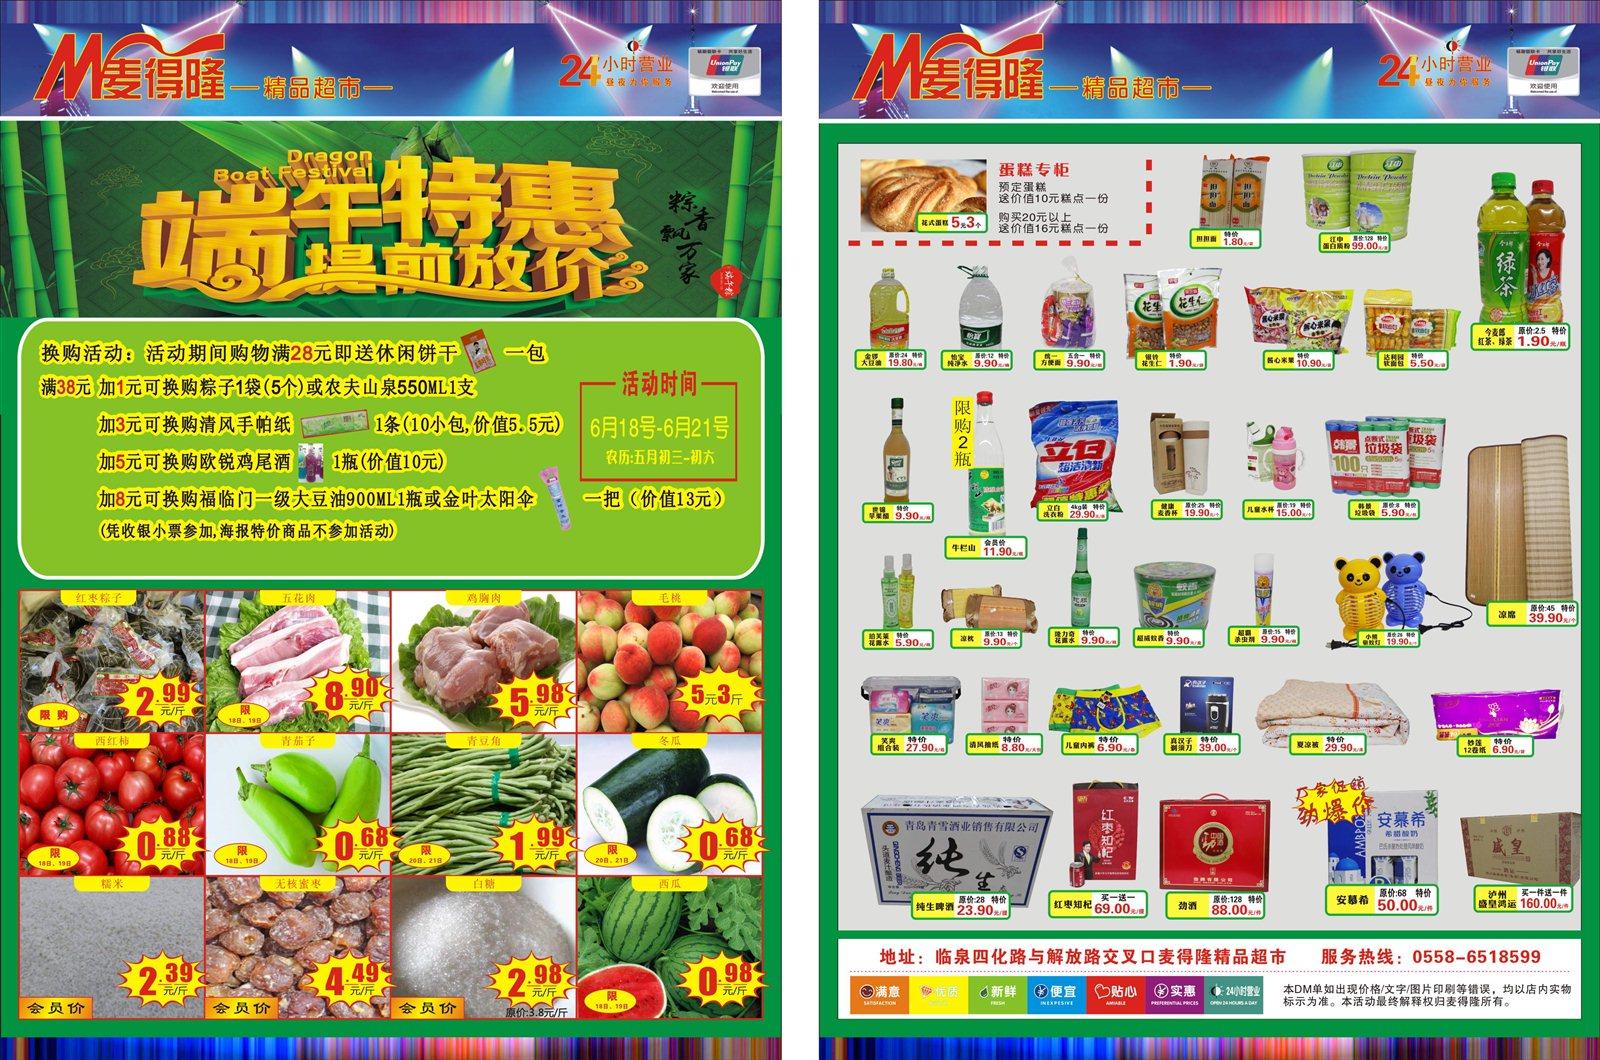 麦得隆超市端午节特惠――购物1元换送粽子1袋